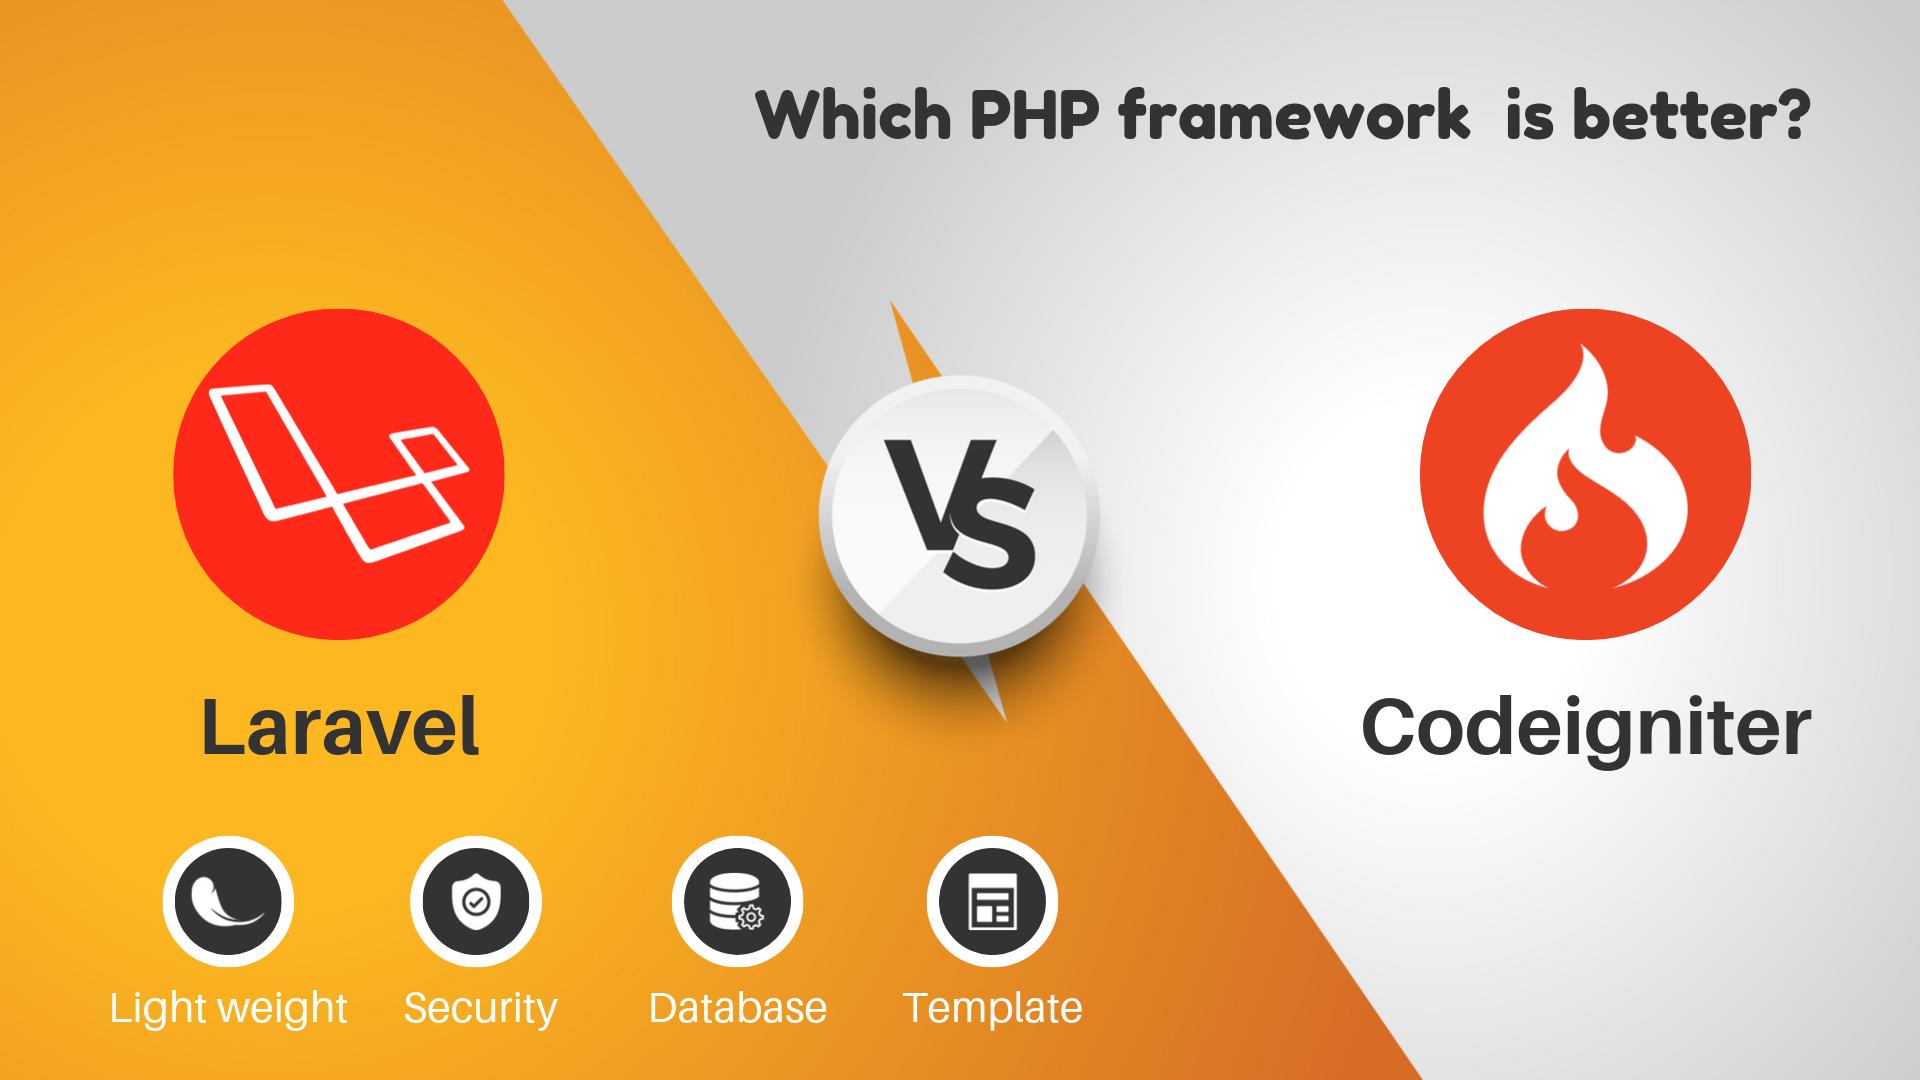 codeigniter vs laravel: Which PHP Framework is better?